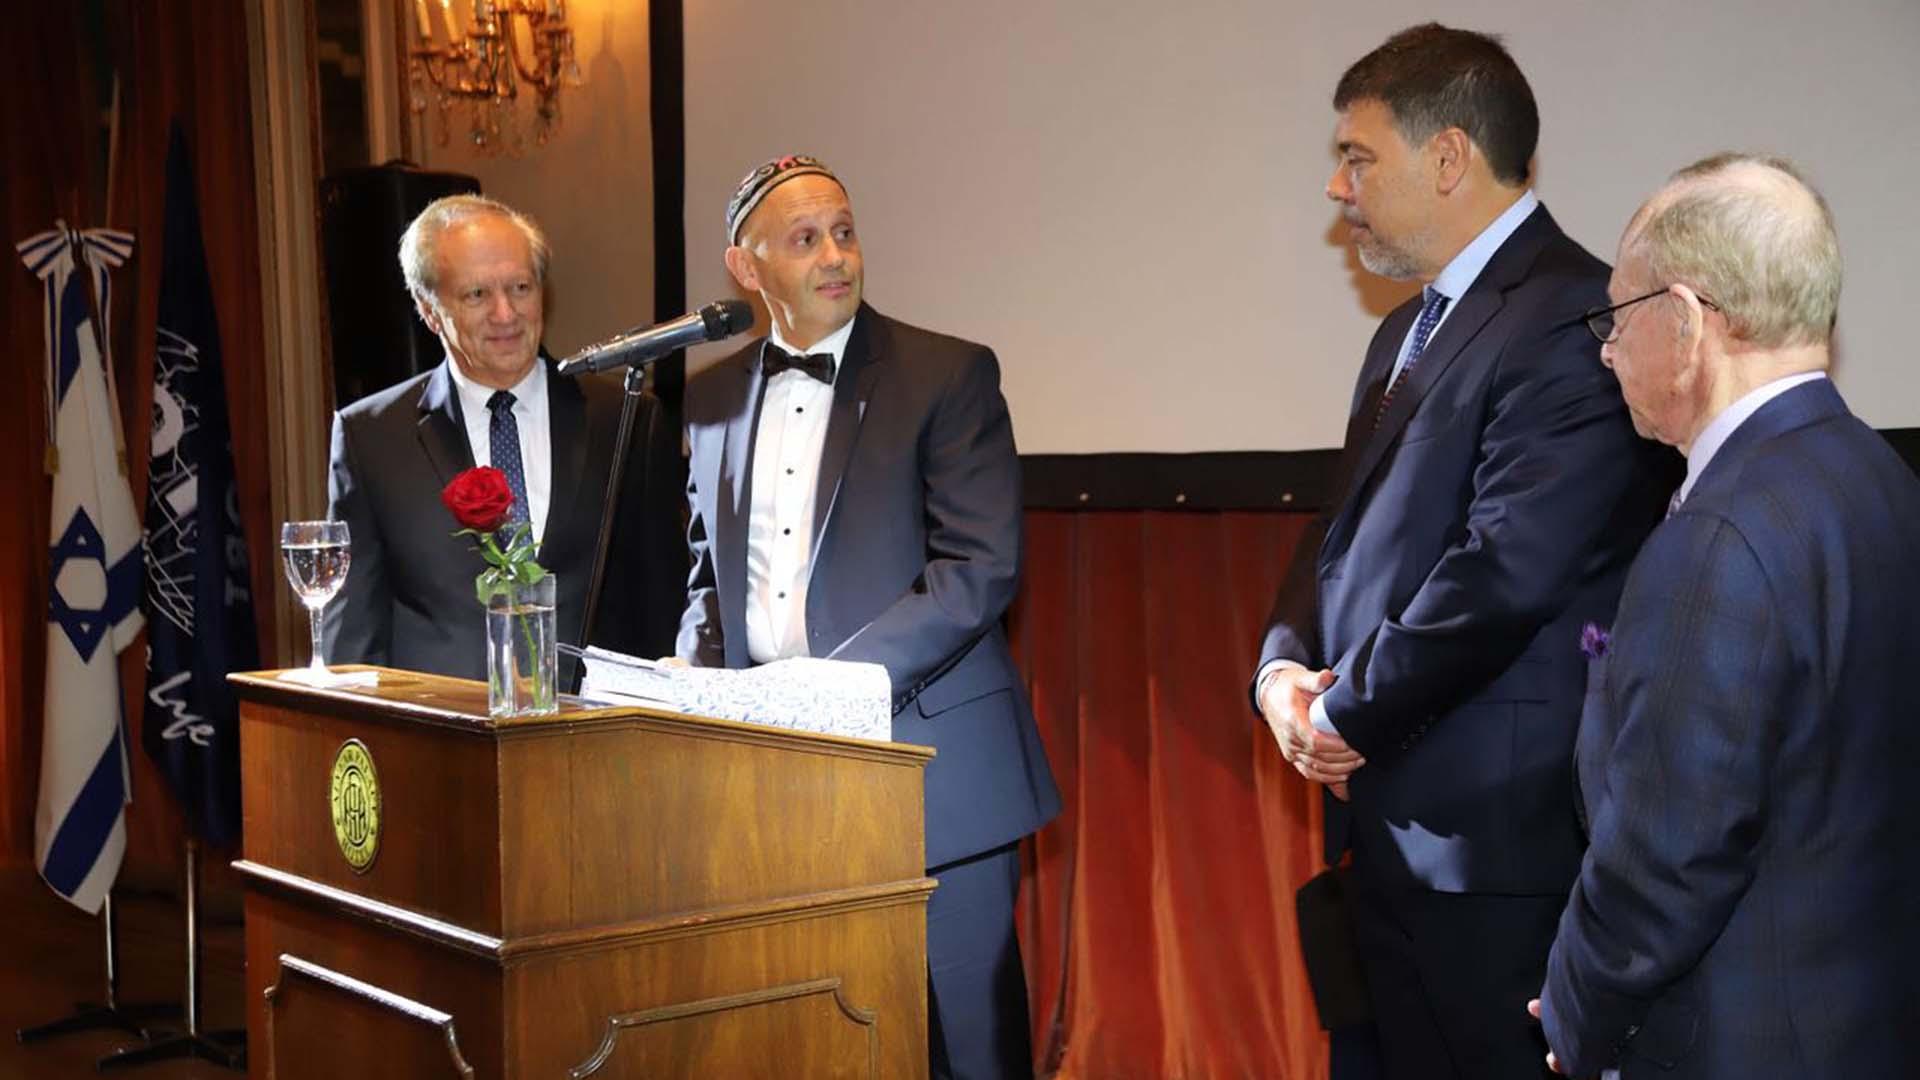 El presidente de ORT Mundial, Conrad Giles, le entregó durante el evento un reconocimiento al Rabino Bergman. En la imagen junto a Darío Werthein y Darío Jaraj